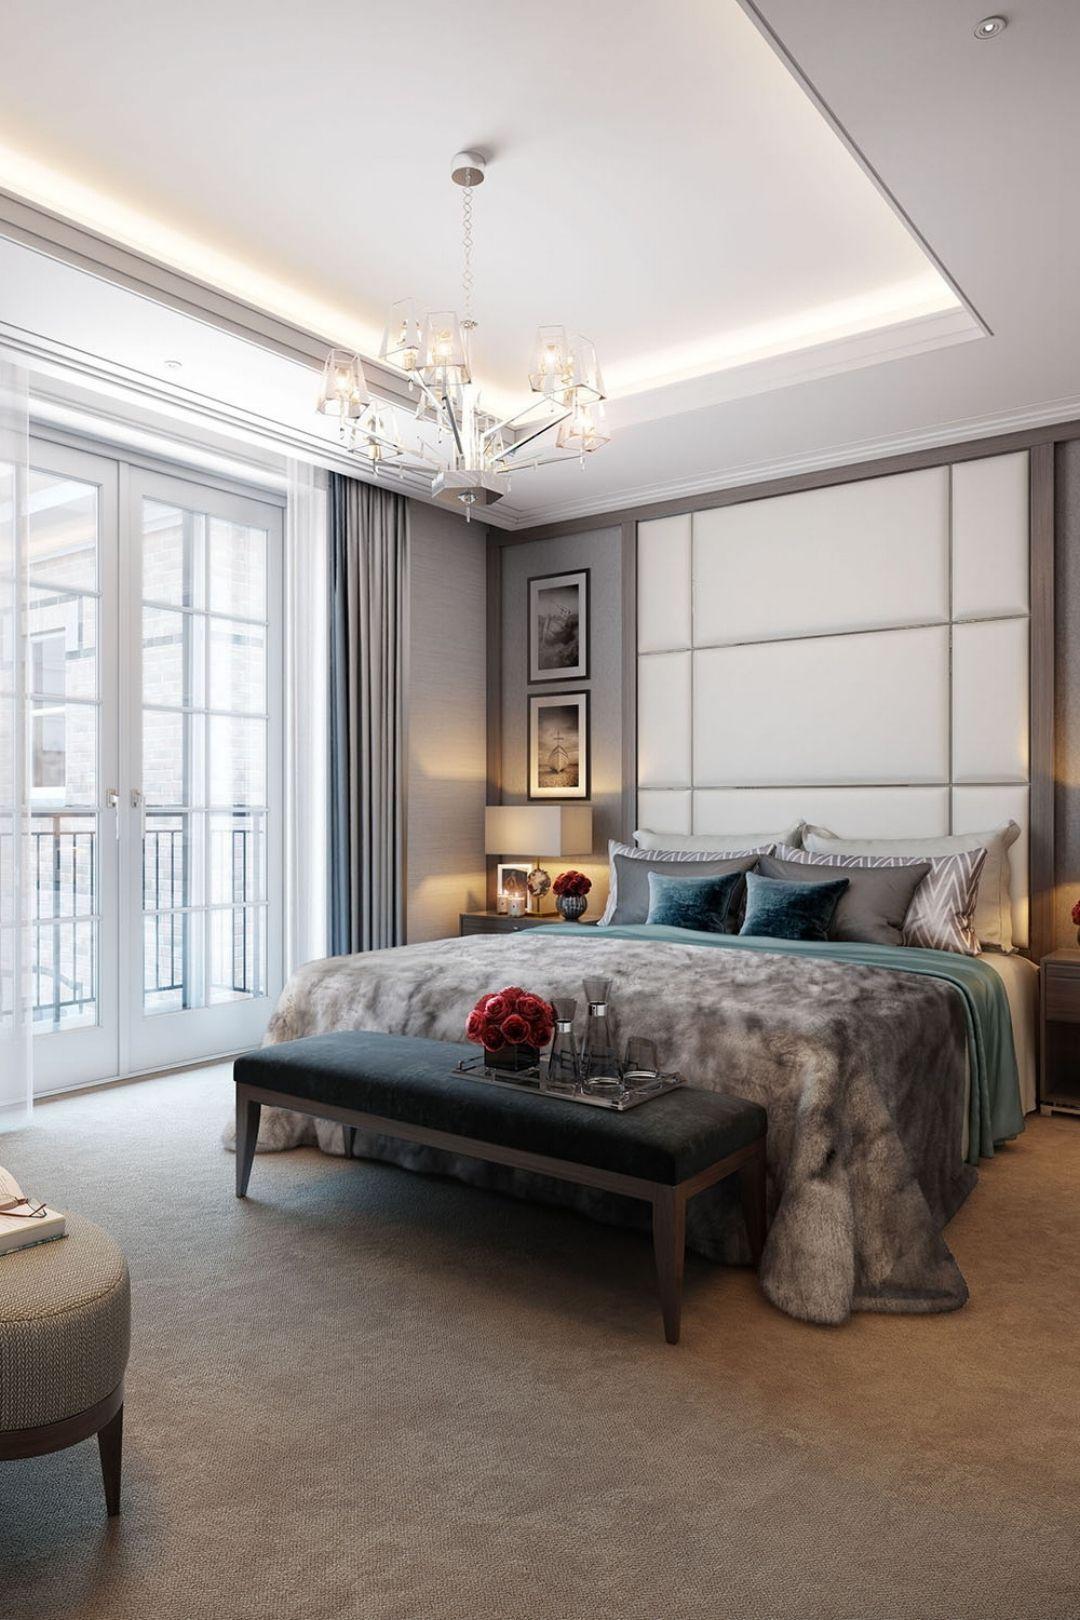 Pin On Bedroom Design Inspiration Modern bedroom furniture inspiration